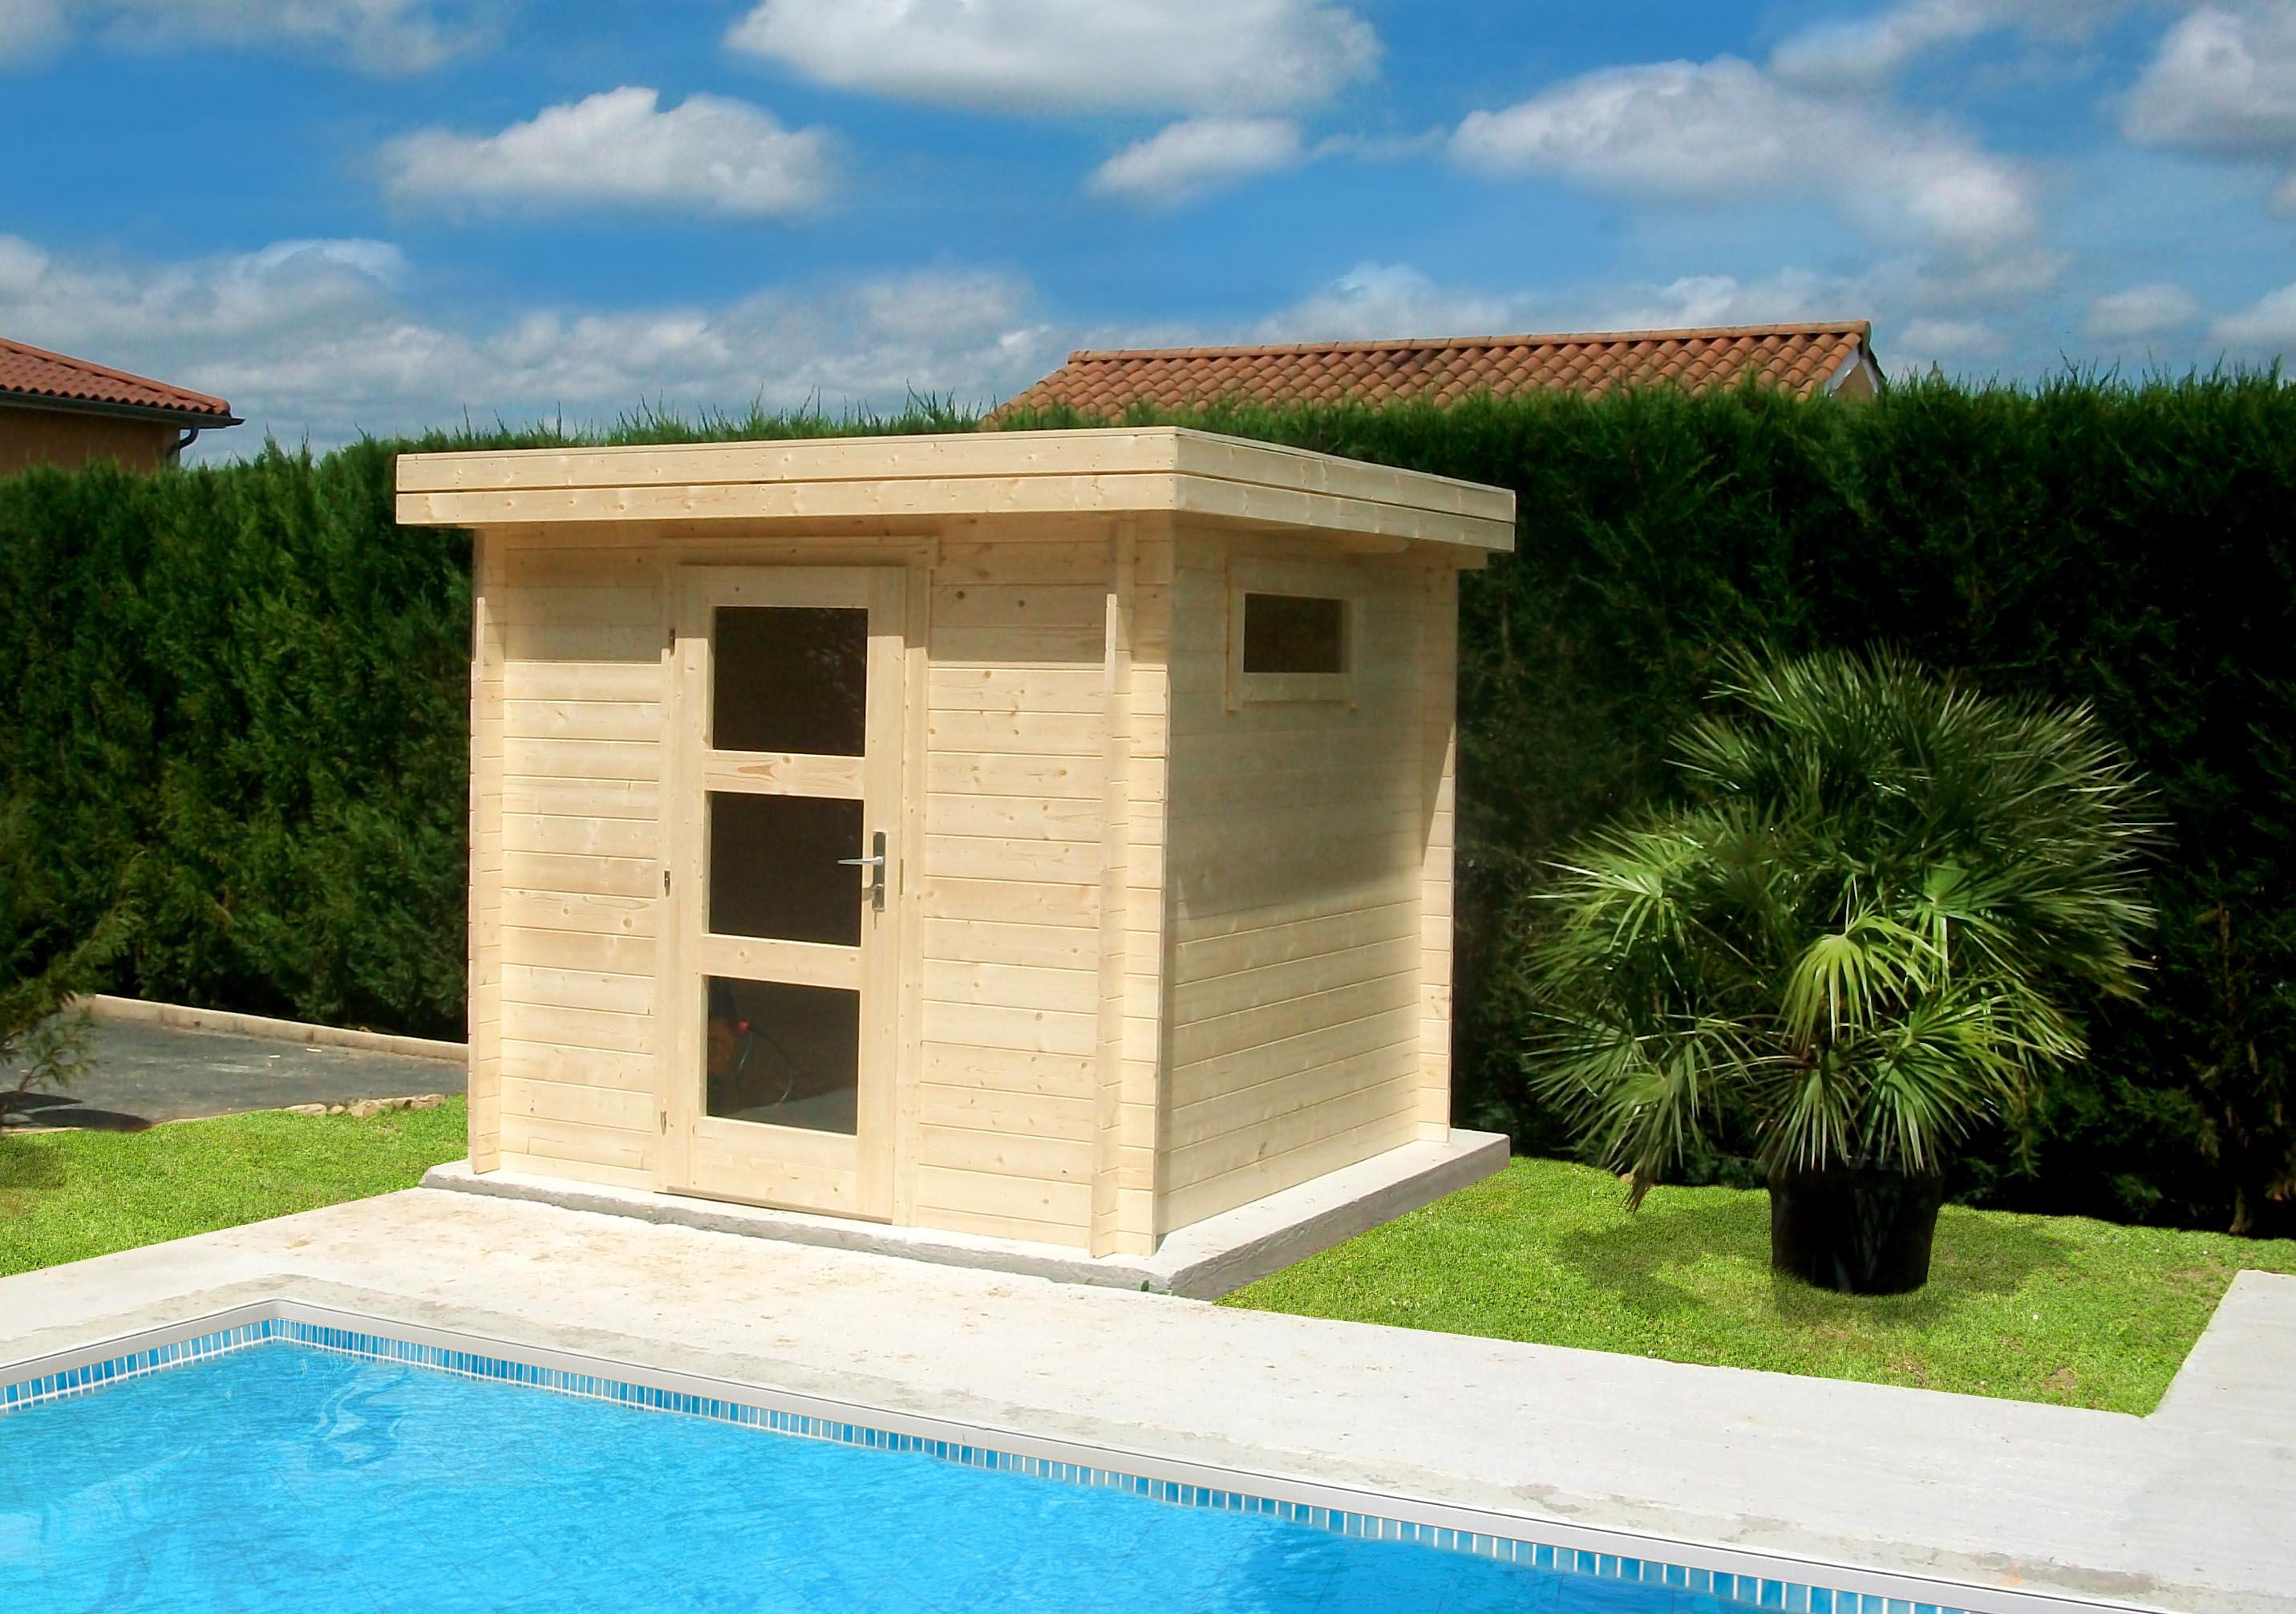 Auchan Cabane De Jardin Castorama Jardin Abri U Fort De France  # Abris De Jardin Herault